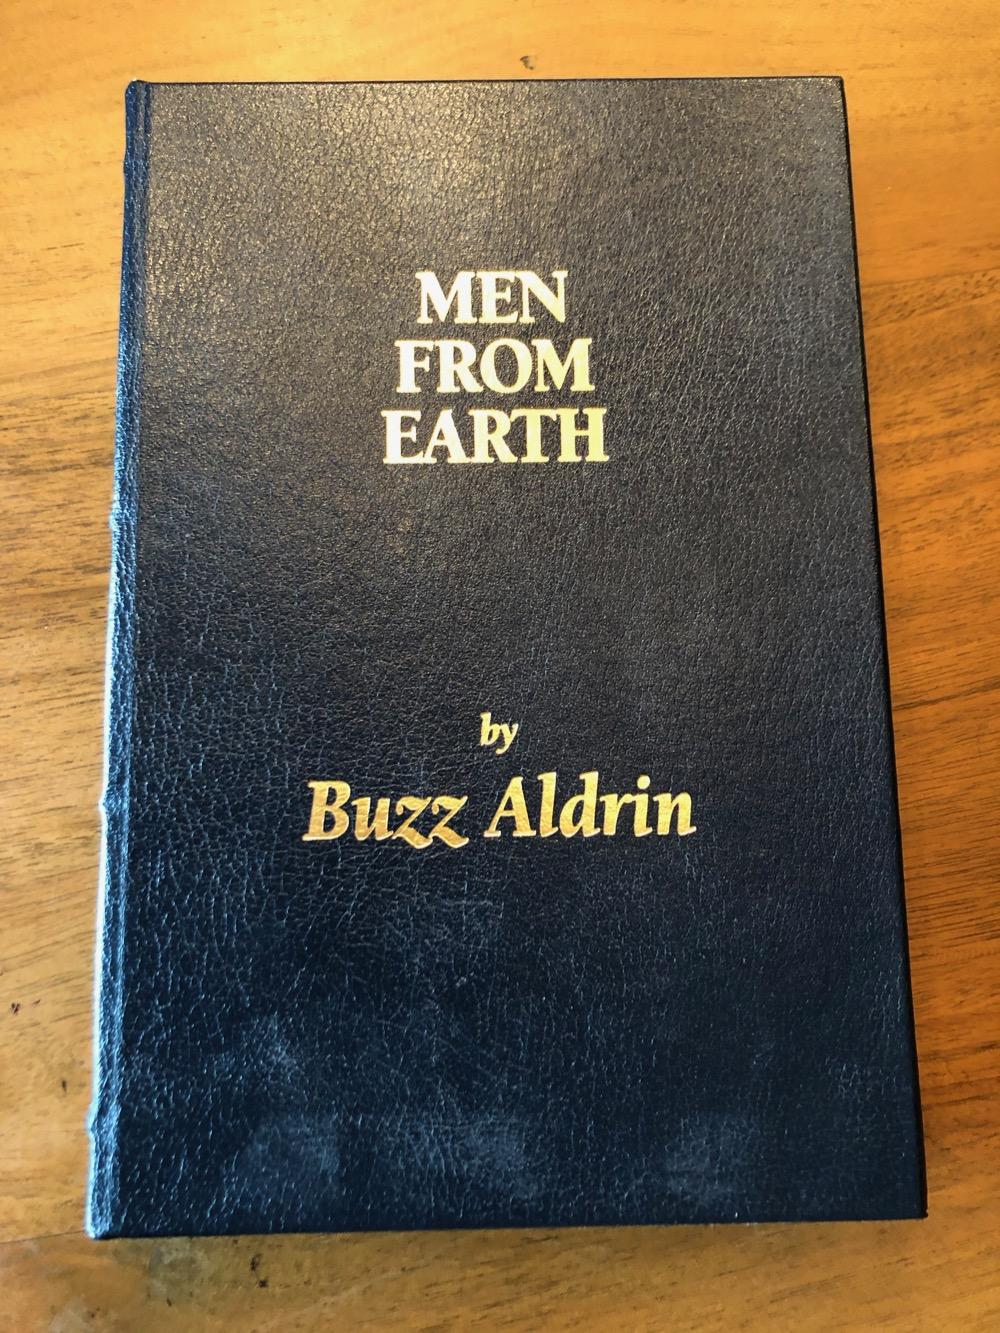 Je bekijkt nu Men from earth – 2005 [Gesigneerd]